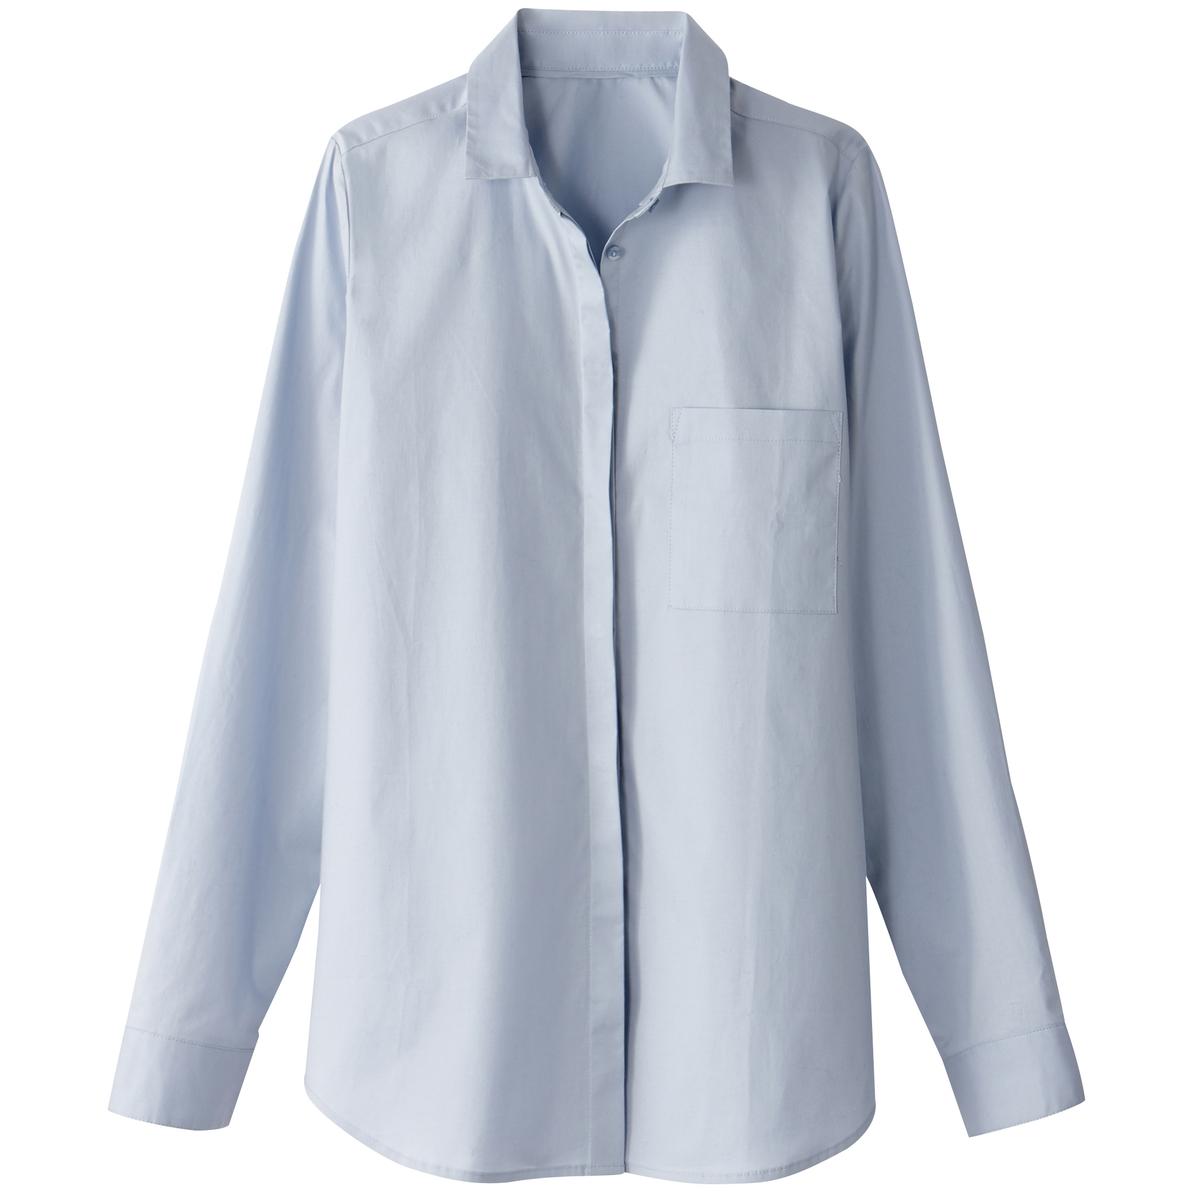 Рубашка прямого покроя из хлопкаДетали  •  Длинные рукава •  Прямой покрой • Воротник-поло, рубашечный   Состав и уход •  98% хлопка, 2% эластана  •  Температура стирки при 30° на деликатном режиме   •  Сухая чистка и отбеливание запрещены   • Барабанная сушка на слабом режиме    •  Низкая температура глажки<br><br>Цвет: белый,небесно-голубой,темно-синий<br>Размер: 50 (FR) - 56 (RUS).48 (FR) - 54 (RUS).44 (FR) - 50 (RUS).42 (FR) - 48 (RUS).40 (FR) - 46 (RUS).38 (FR) - 44 (RUS).36 (FR) - 42 (RUS).52 (FR) - 58 (RUS).50 (FR) - 56 (RUS).40 (FR) - 46 (RUS).38 (FR) - 44 (RUS).36 (FR) - 42 (RUS).34 (FR) - 40 (RUS).52 (FR) - 58 (RUS).46 (FR) - 52 (RUS).44 (FR) - 50 (RUS).40 (FR) - 46 (RUS).38 (FR) - 44 (RUS).36 (FR) - 42 (RUS)